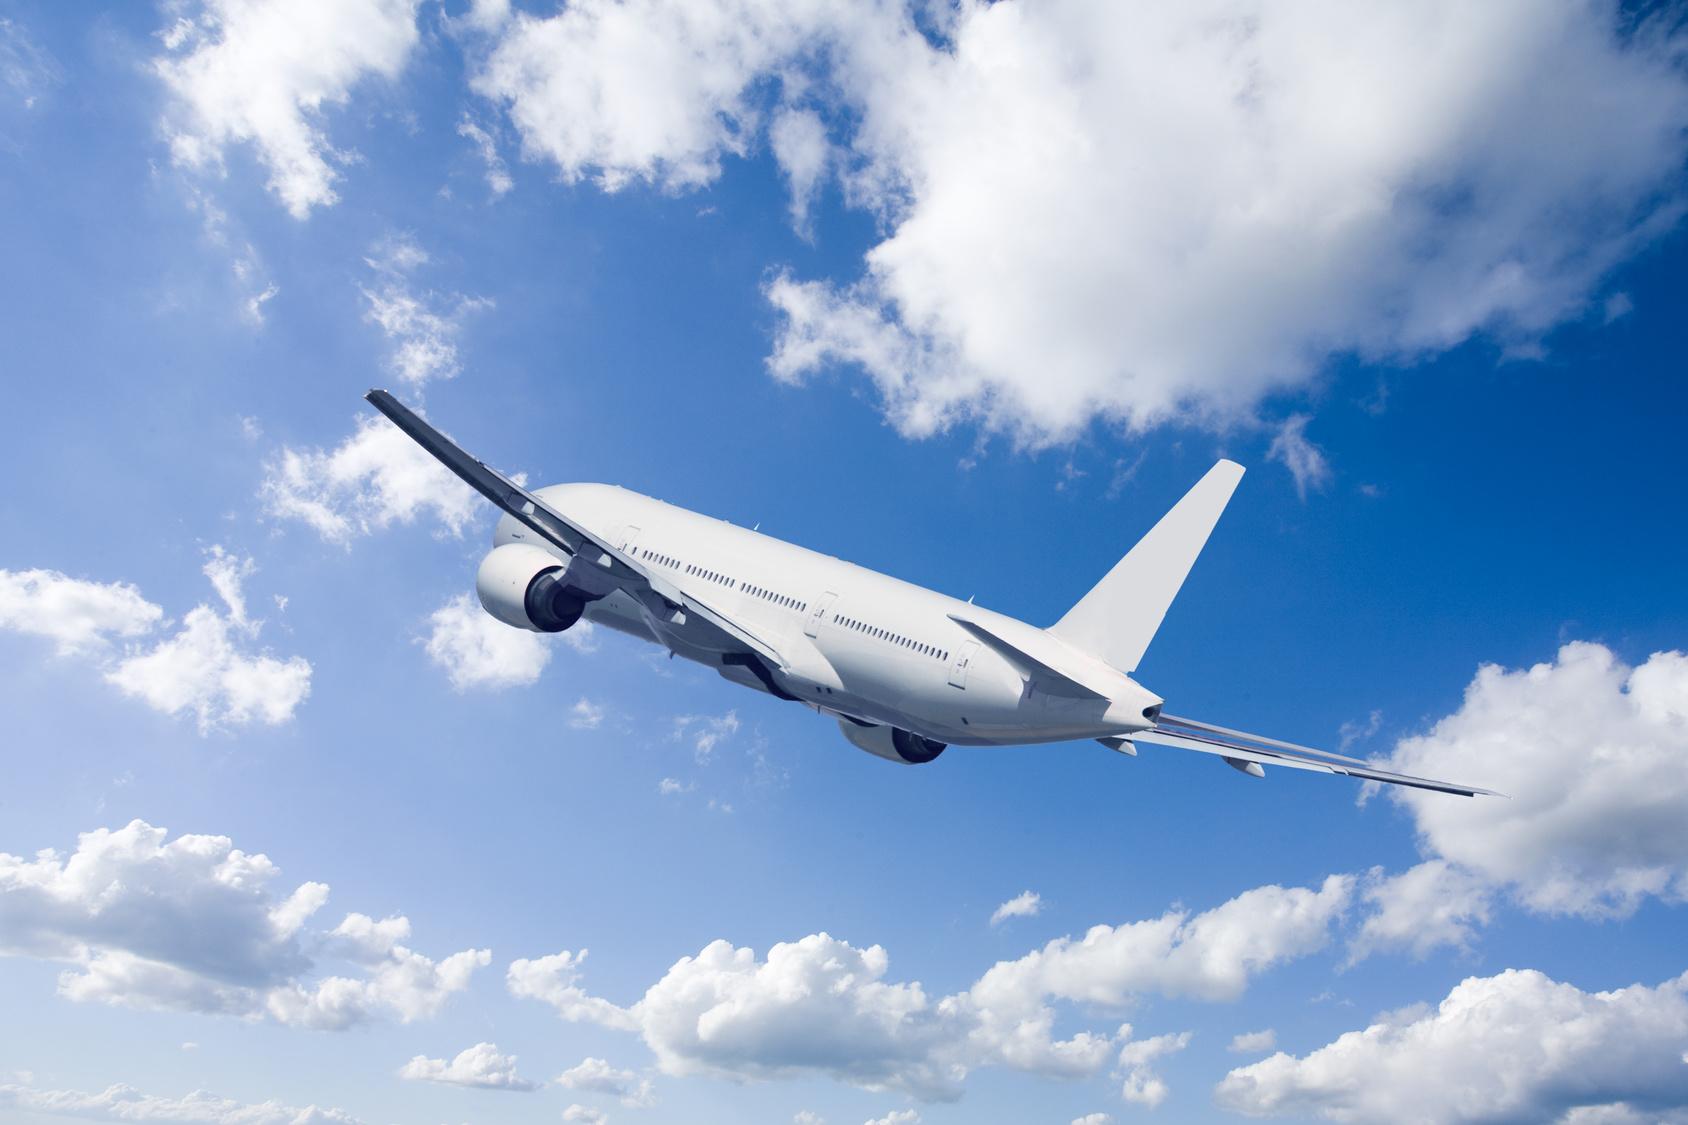 海外旅行でクルーズを利用すると費用はどれぐらいかかる?